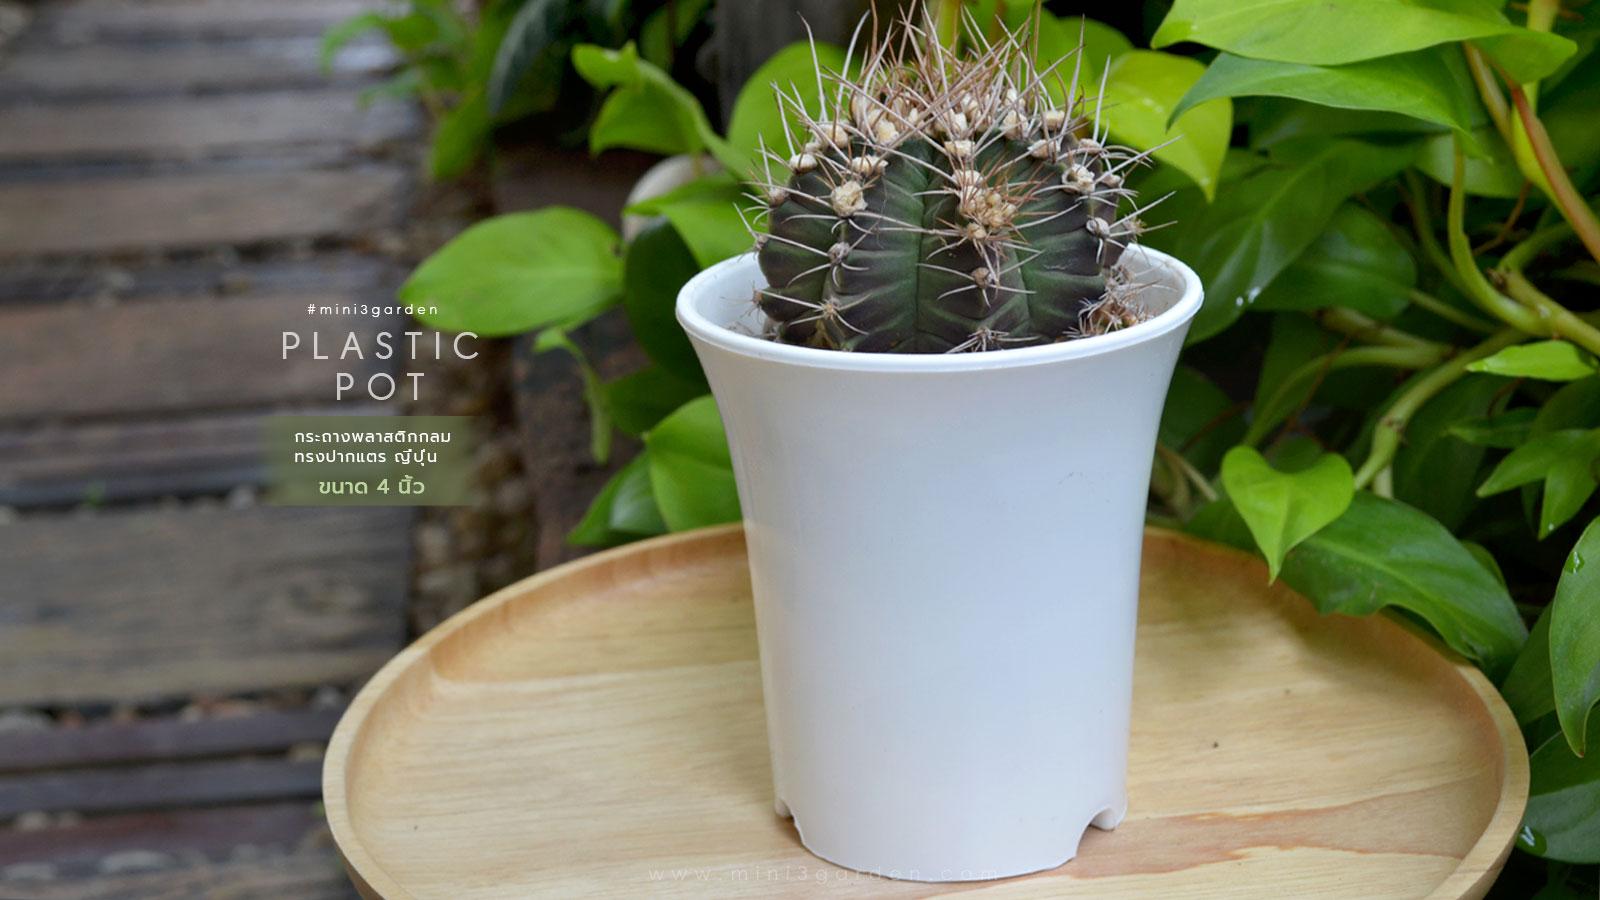 cactus-plastic-pot-japan-style-4inc-2